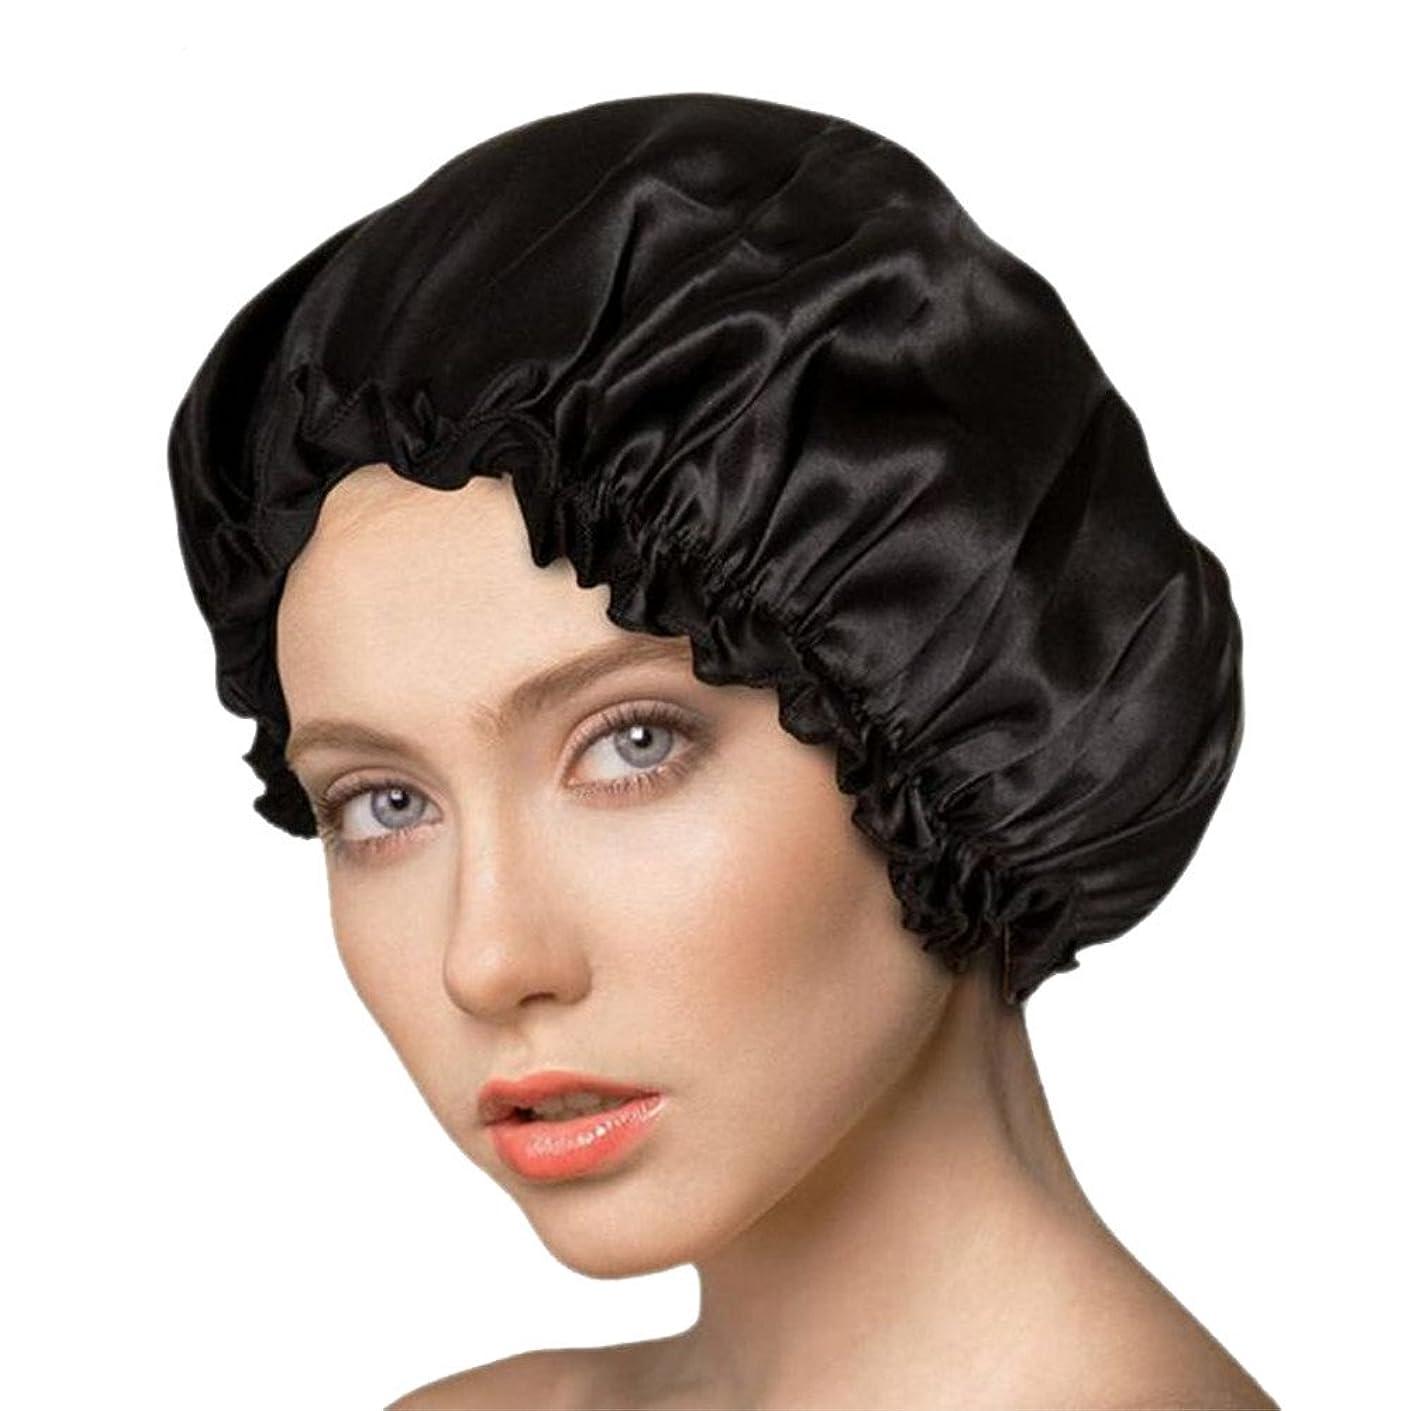 挨拶する投獄掘るアンミダ(ANMIDA)シルク100%ナイトキャップ 天然シルク ナイトキャップ ヘアーキャップ メンズ レディース 美髪 就寝用帽子 室内帽子 通気性抜群